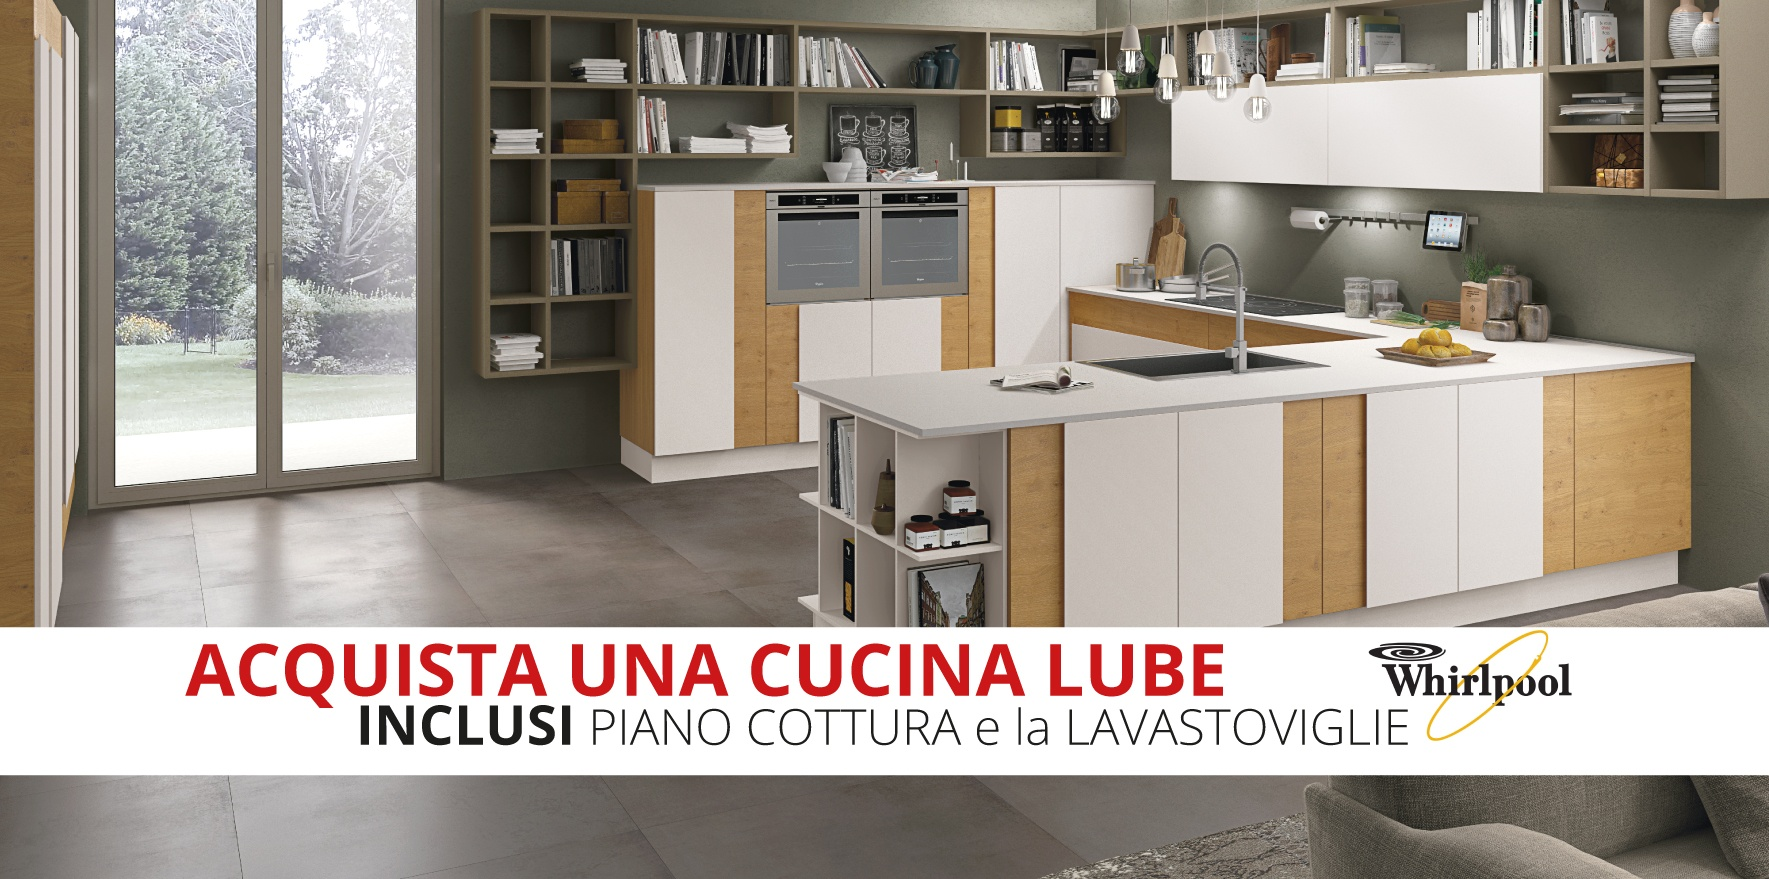 Promozione Giugno 2016 - Lube Store Milano - Le Cucine Lube & Creo ...